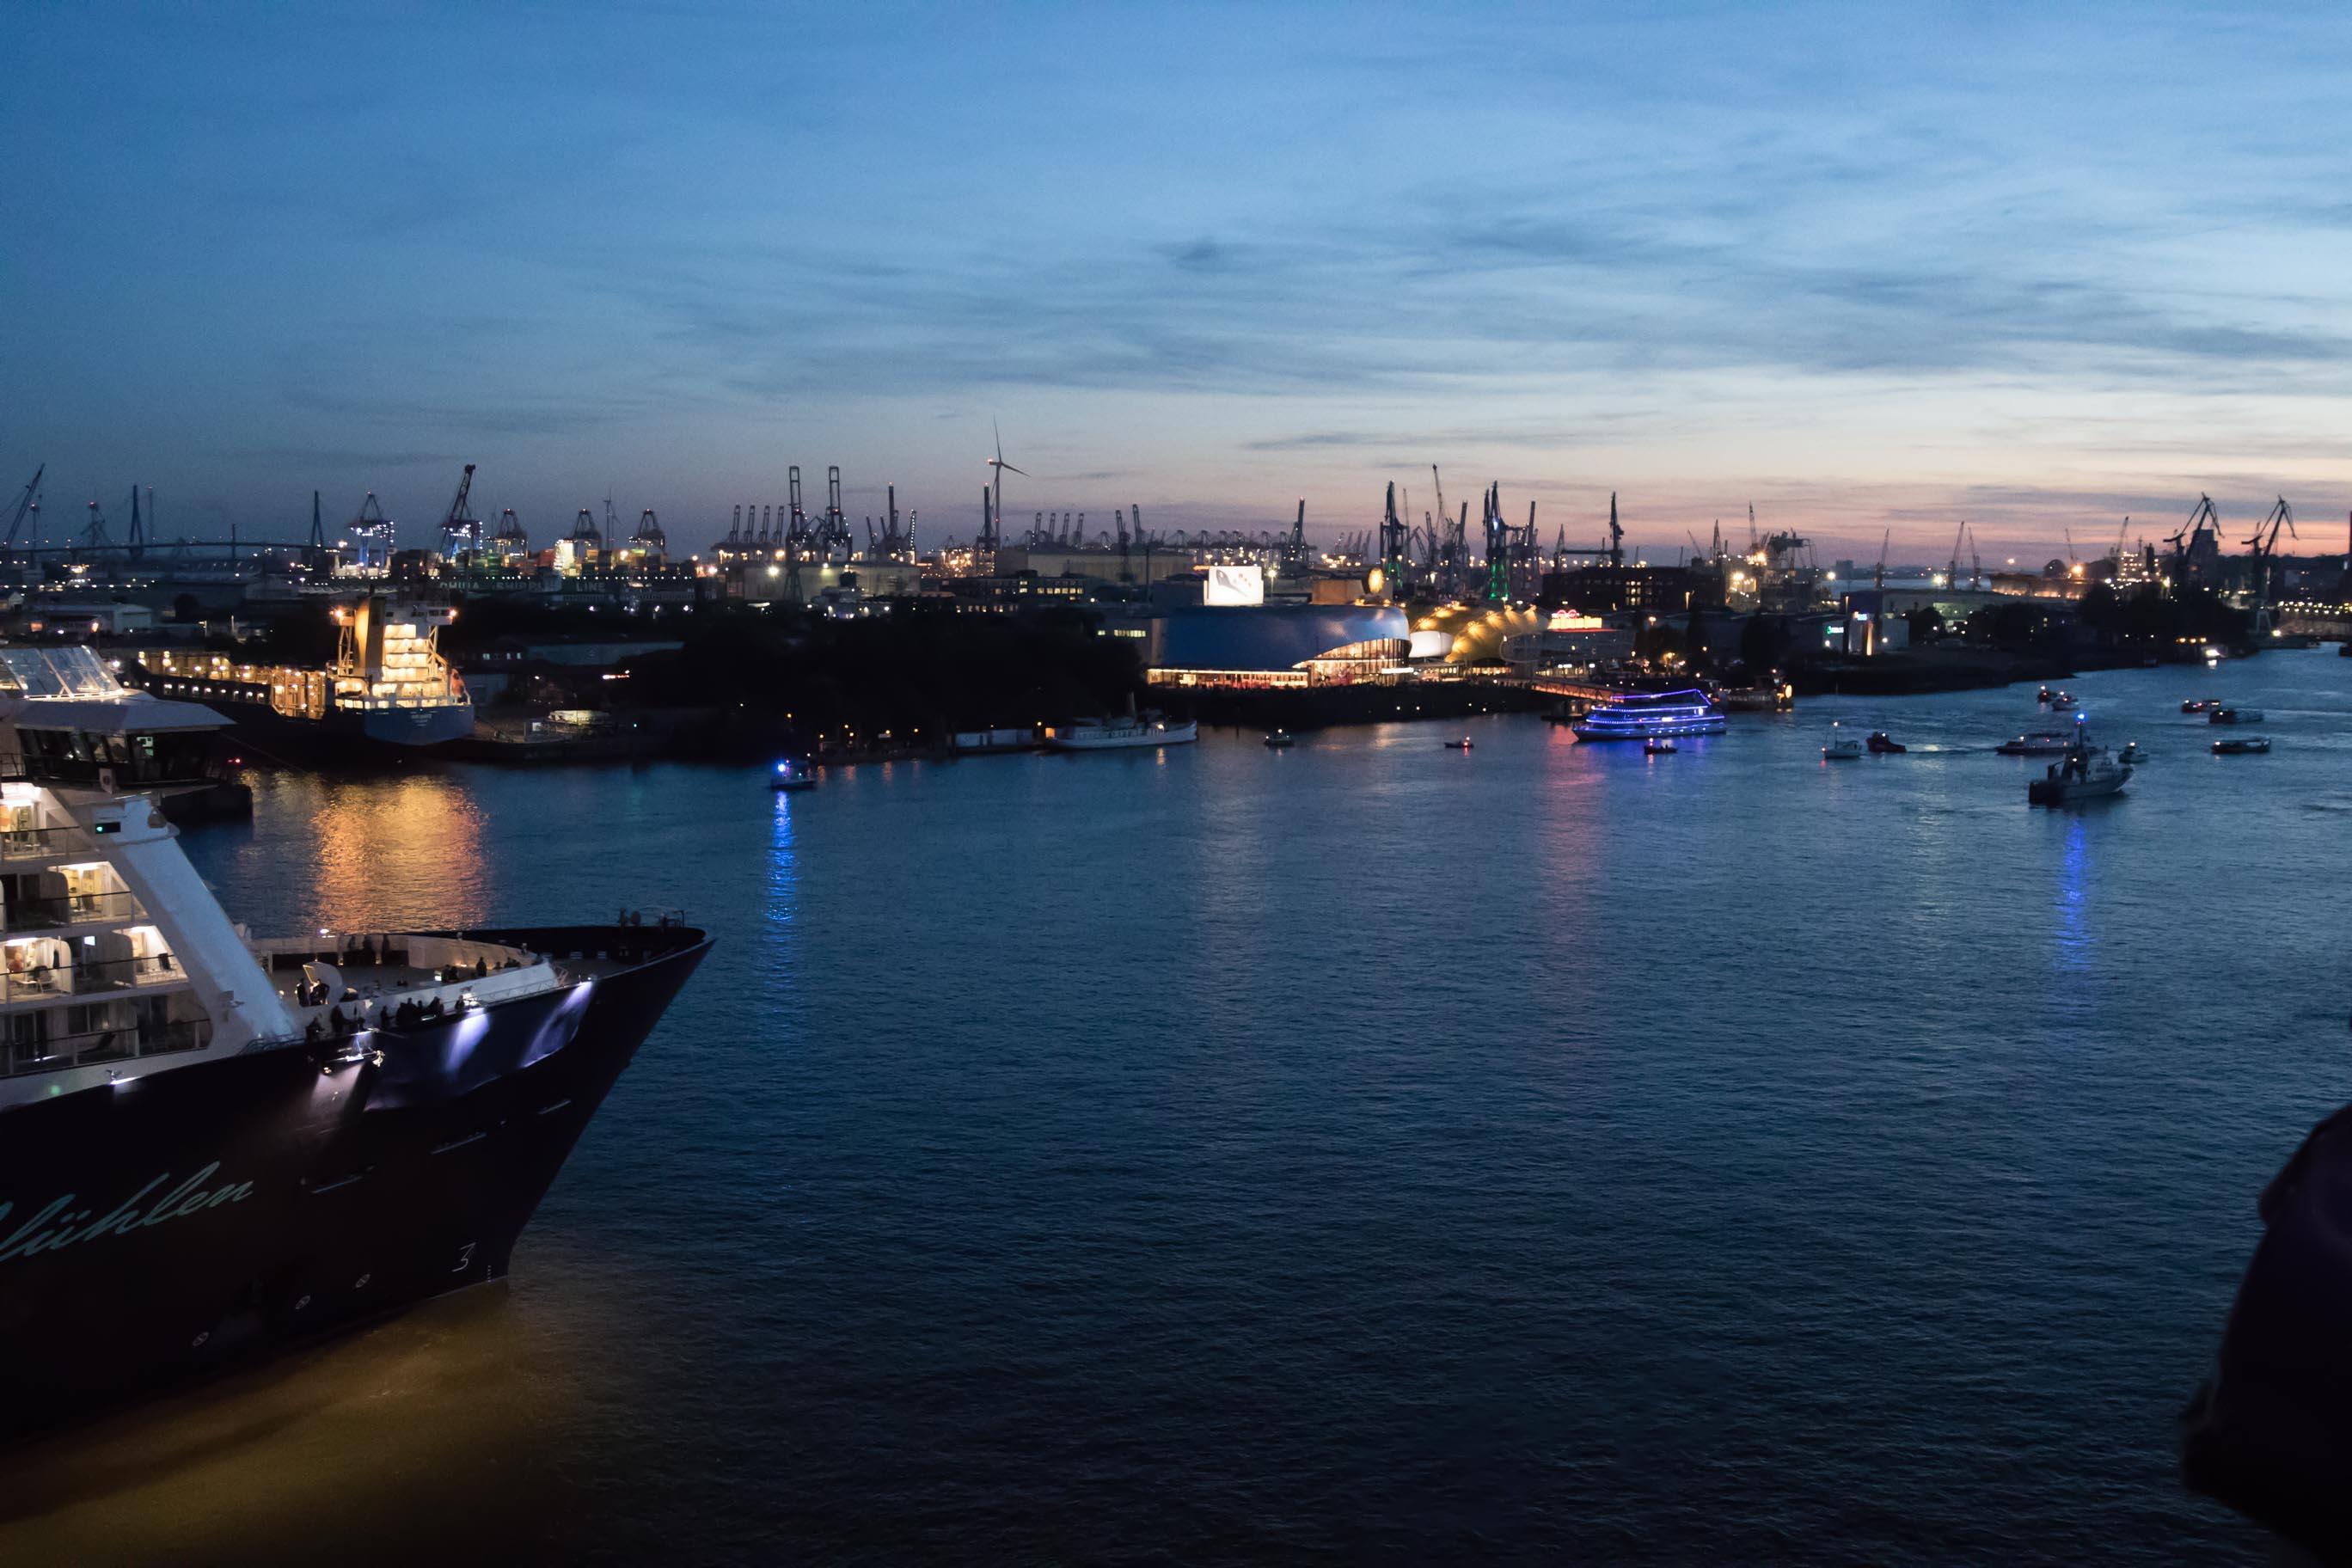 Mein Schiff 6 Die Taufparty Im Hamburger Hafen Vor Der